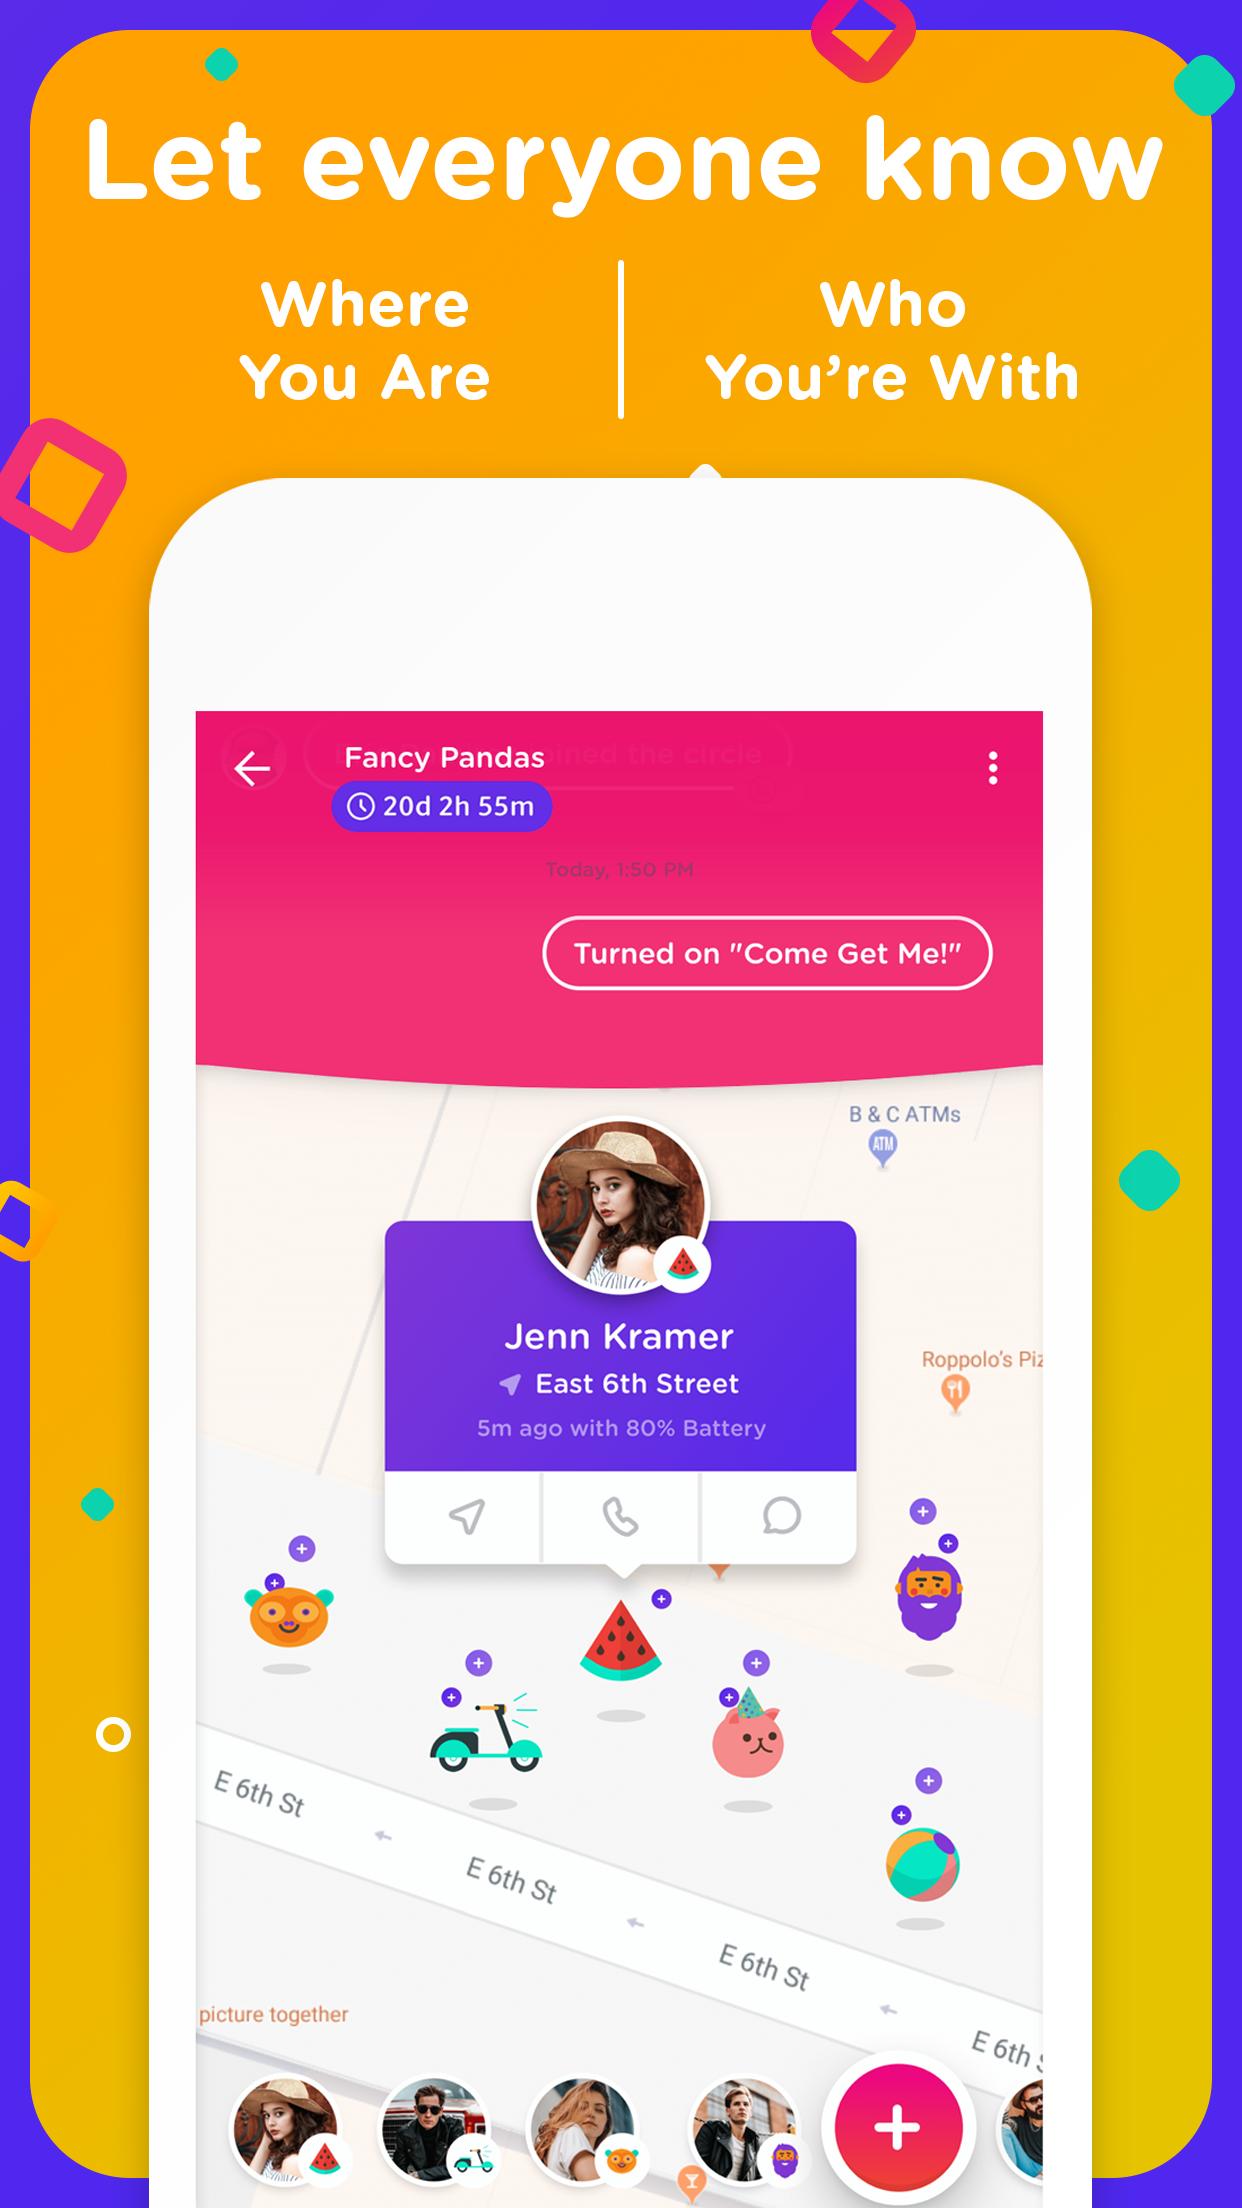 جديد التطبيقات: bthere يجمع بين مشاركة الموقع والدردشة مع الأصدقاء